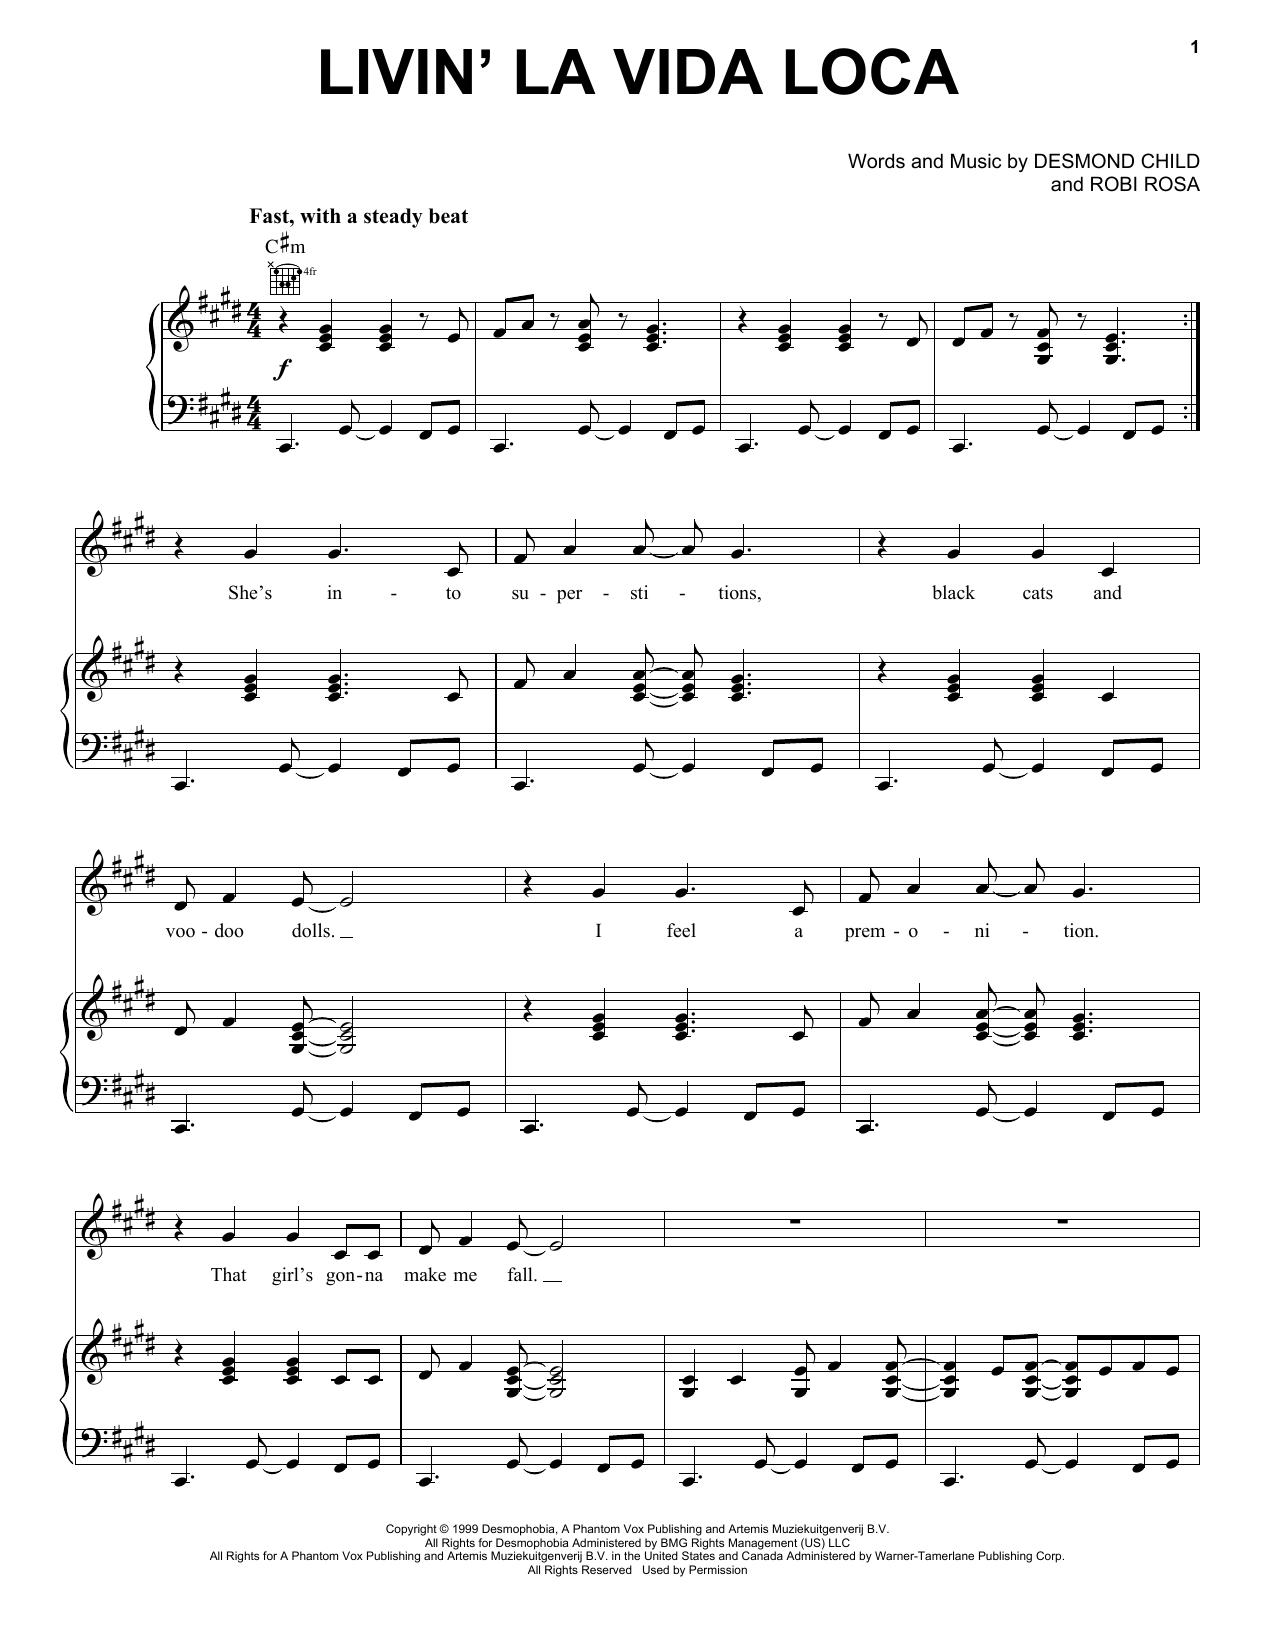 Livin' La Vida Loca sheet music